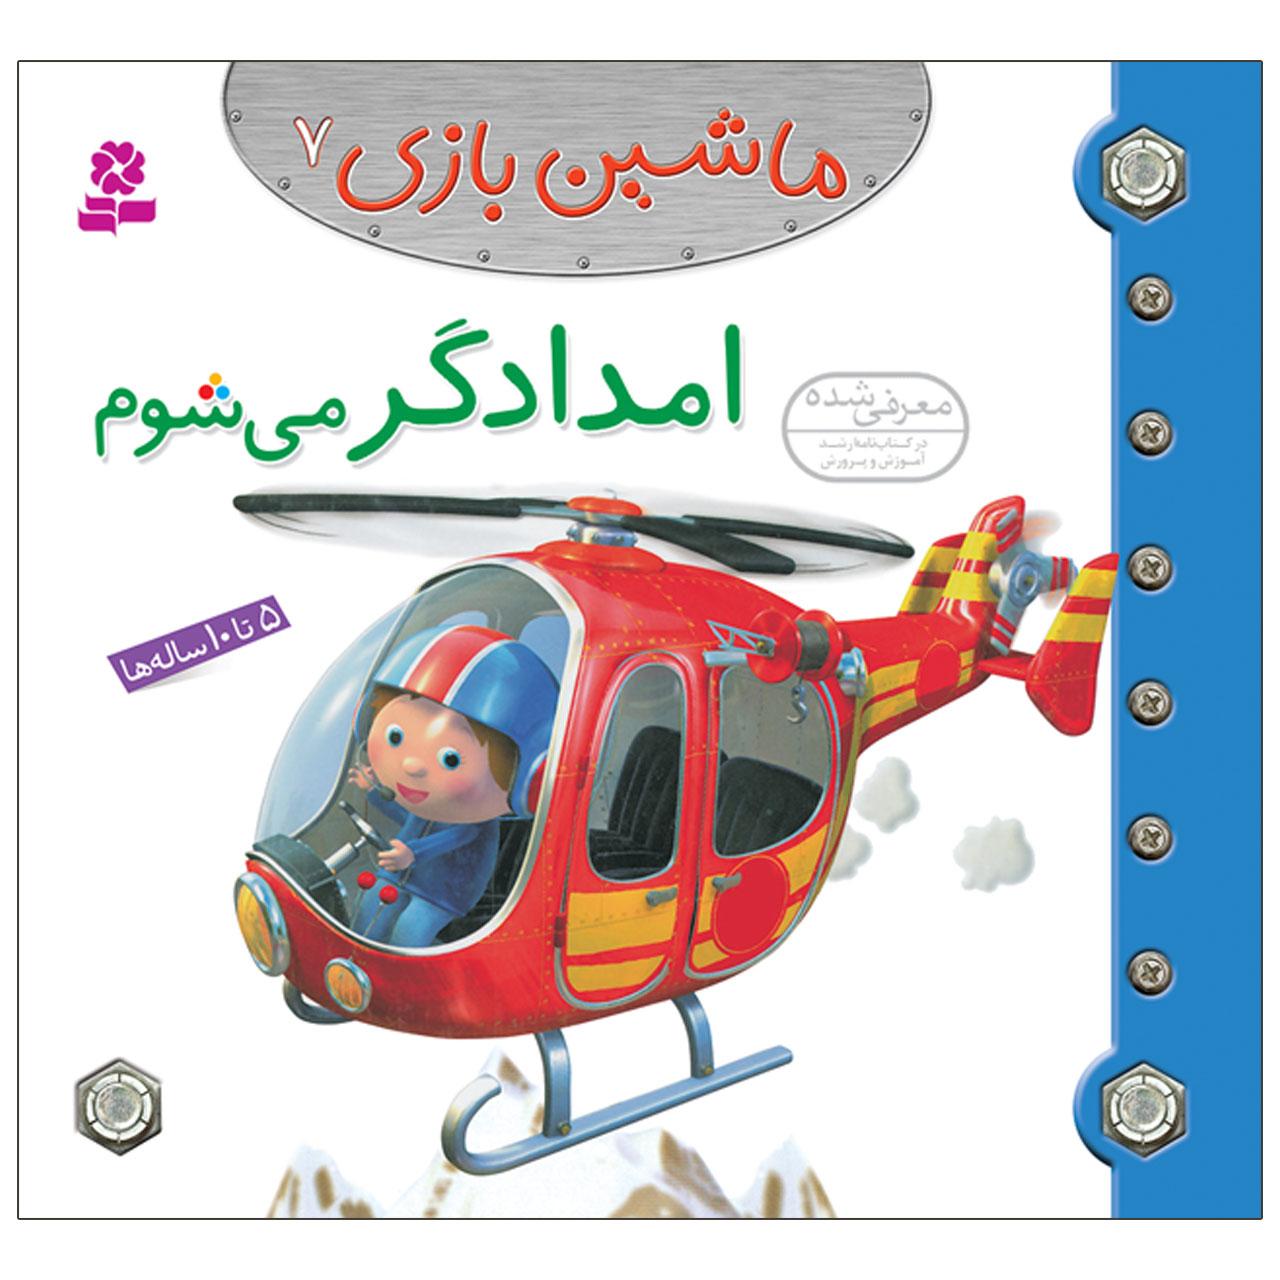 کتاب ماشین بازی 7 امدادگر می شوم اثر امیلی بومون انتشارات قدیانی